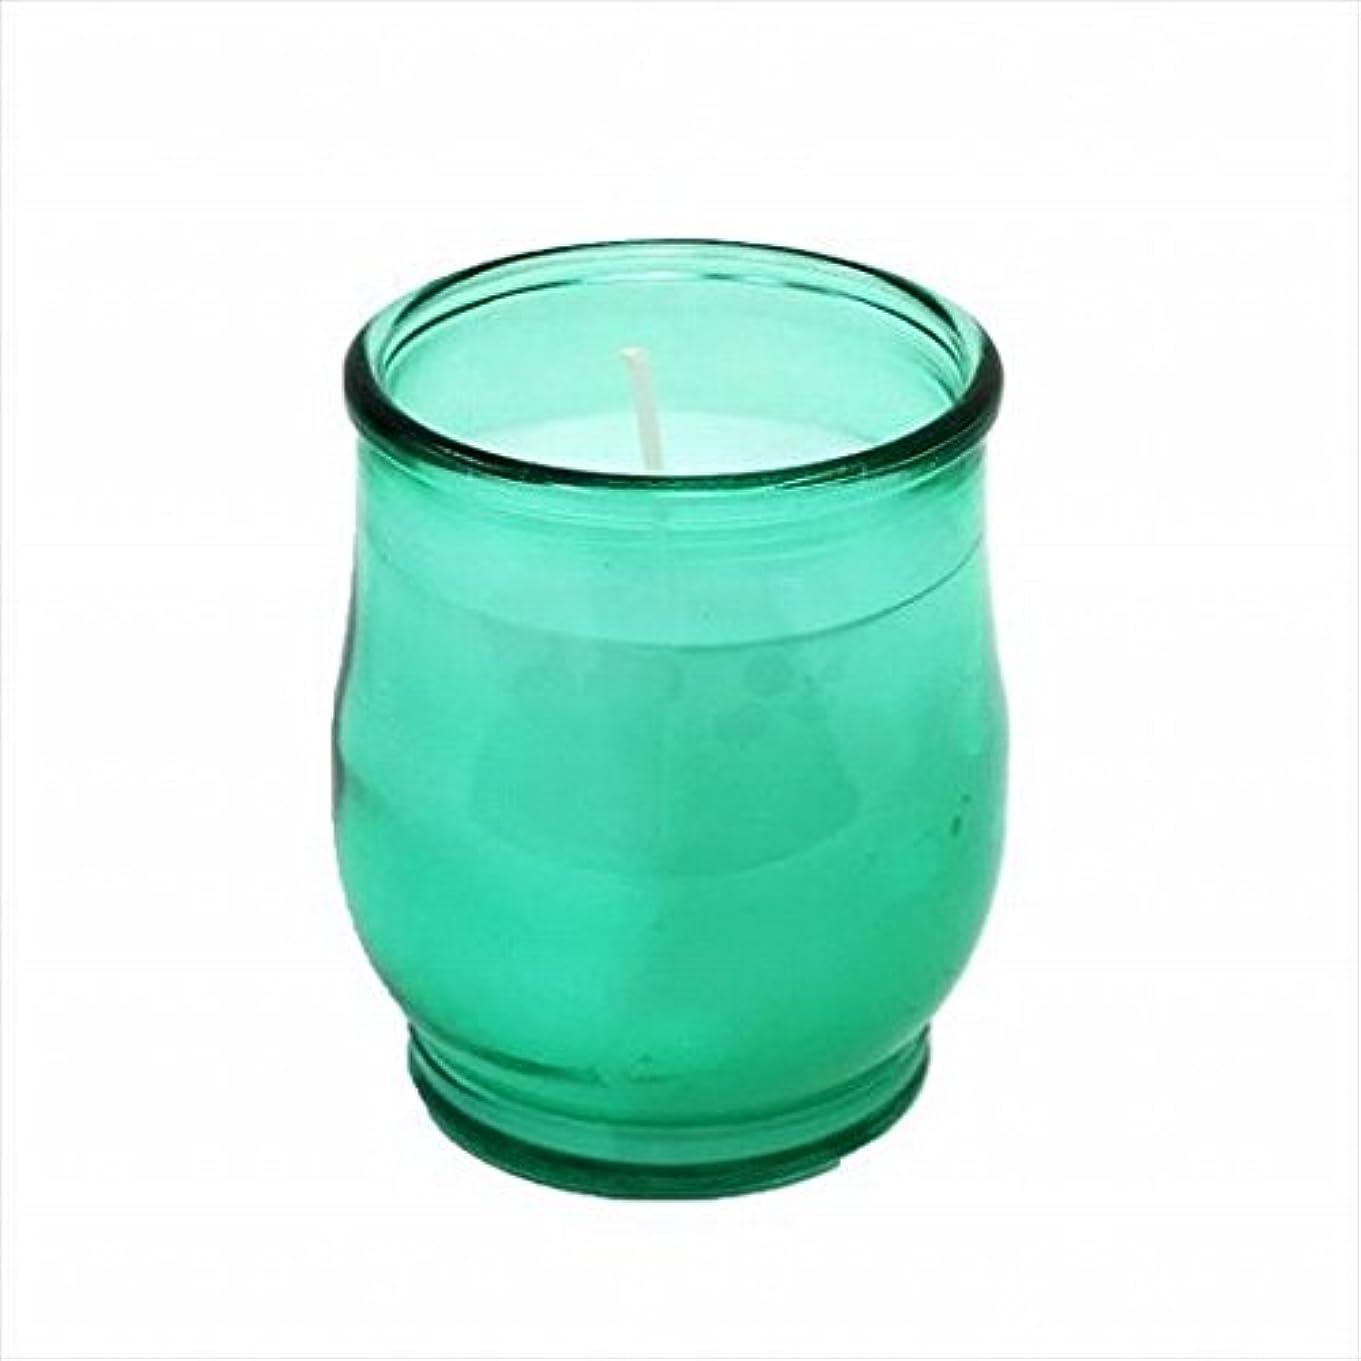 サイズ表面鮮やかなkameyama candle(カメヤマキャンドル) ポシェ(非常用コップローソク) 「 グリーン(ライトカラー) 」 キャンドル 68x68x80mm (73020030G)